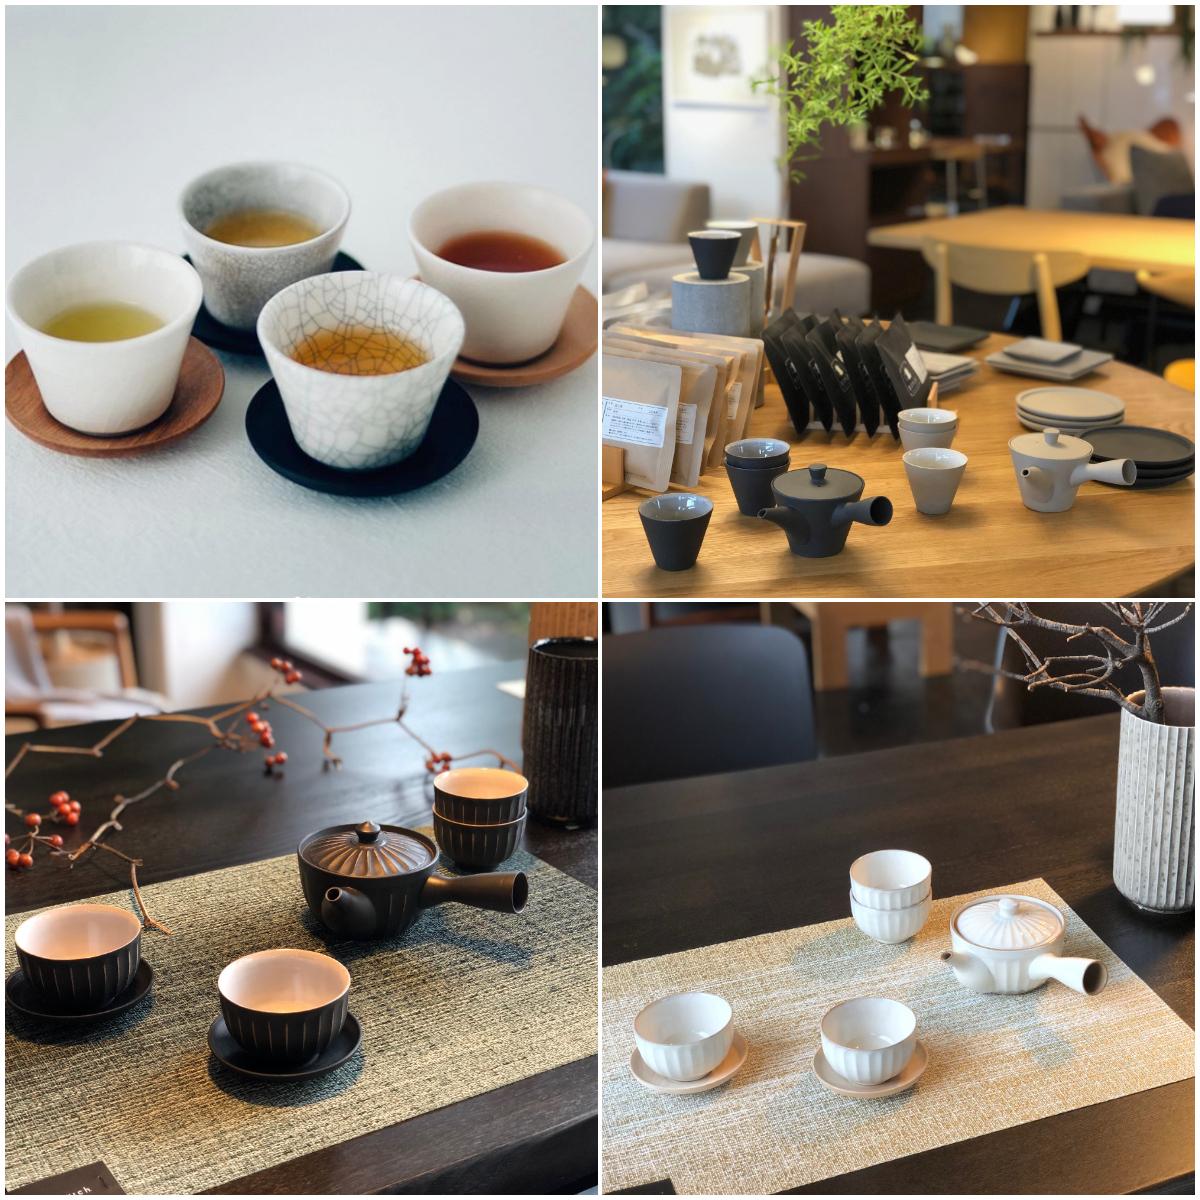 日本茶を美味しく、楽しく。「南景製陶園」がポップアップで登場。